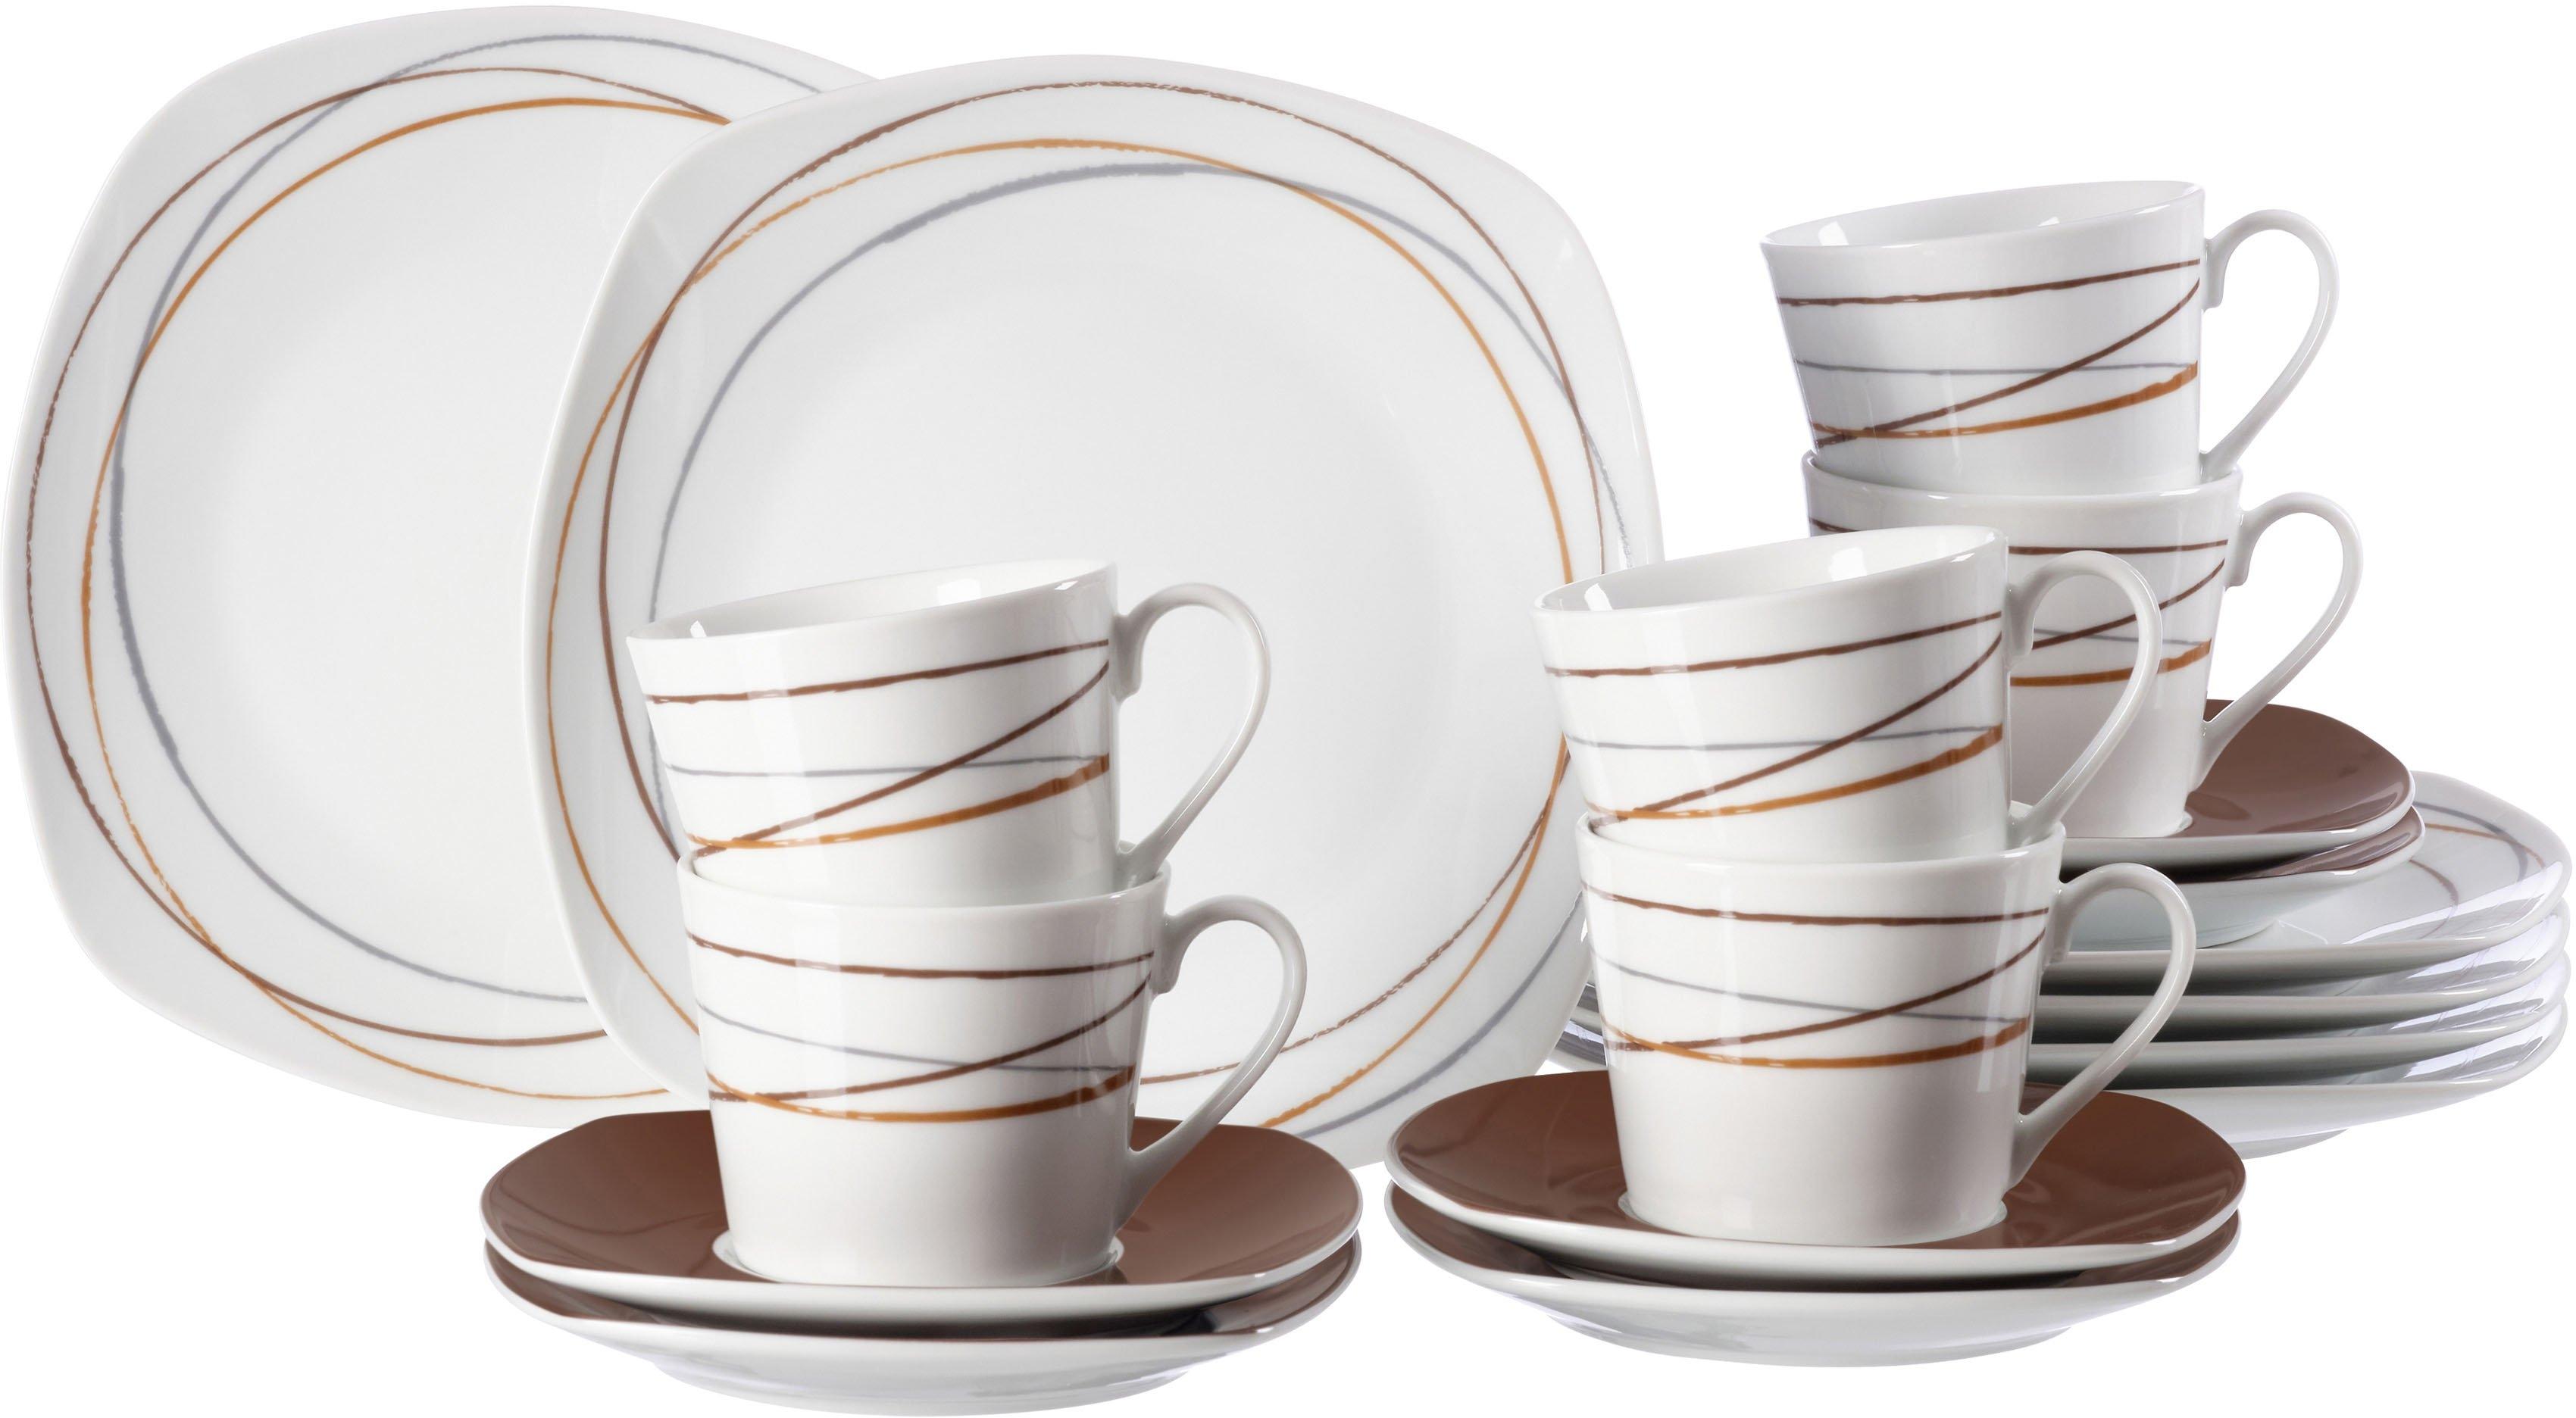 Ritzenhoff & Breker Koffieservies Alina Circle (set, 18-delig) goedkoop op otto.nl kopen